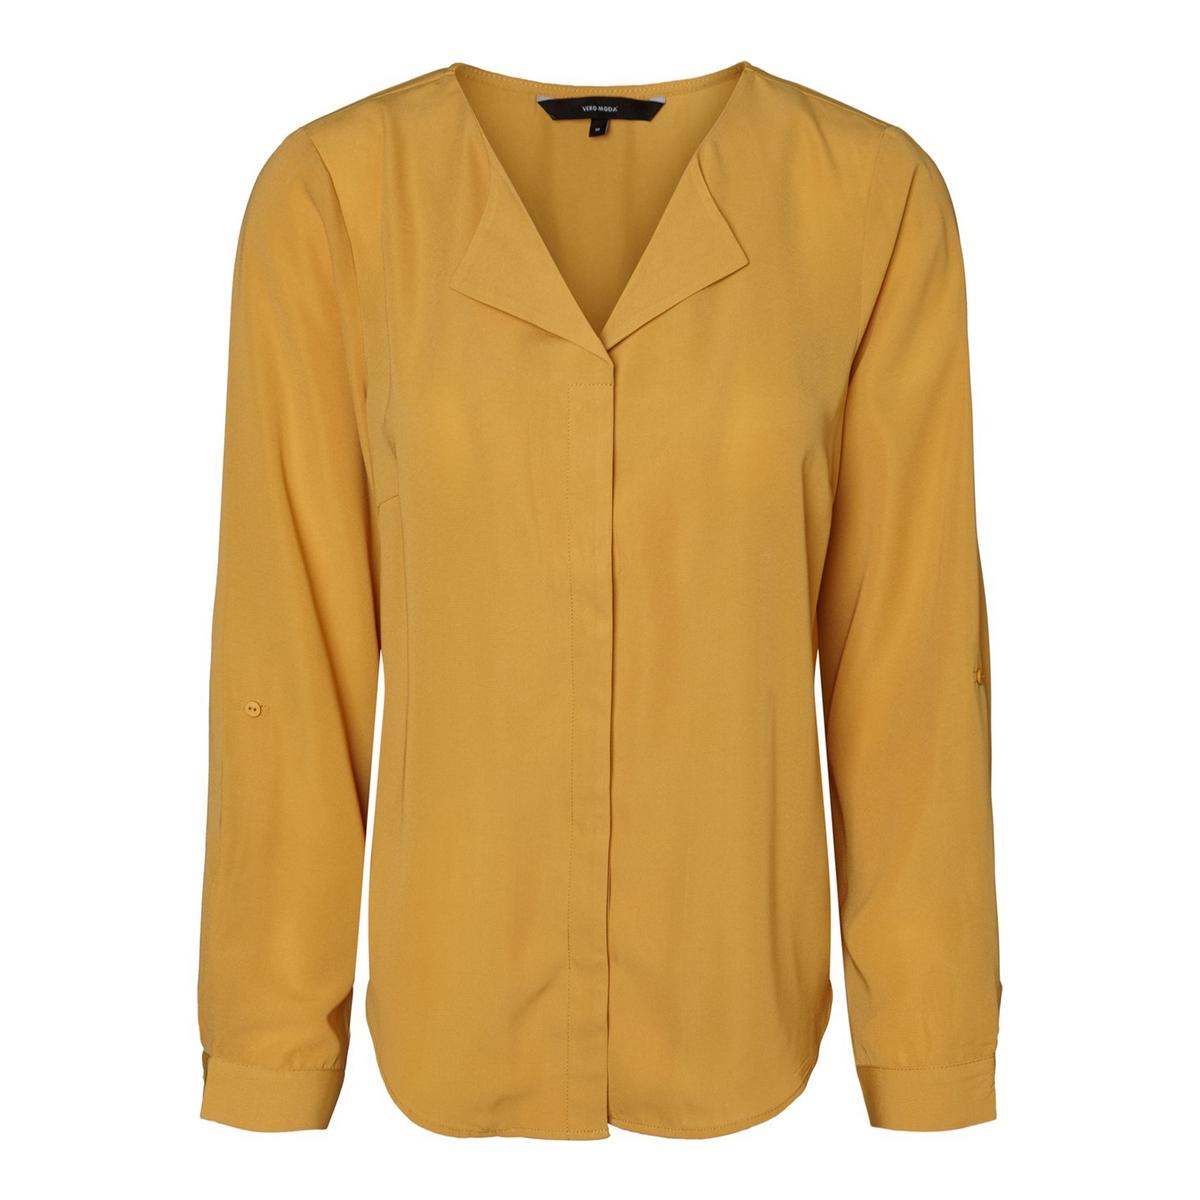 Блузка La Redoute С V-образным вырезом и длинными рукавами S каштановый блузка la redoute из вуали с принтом и длинными рукавами smoke 3 l каштановый